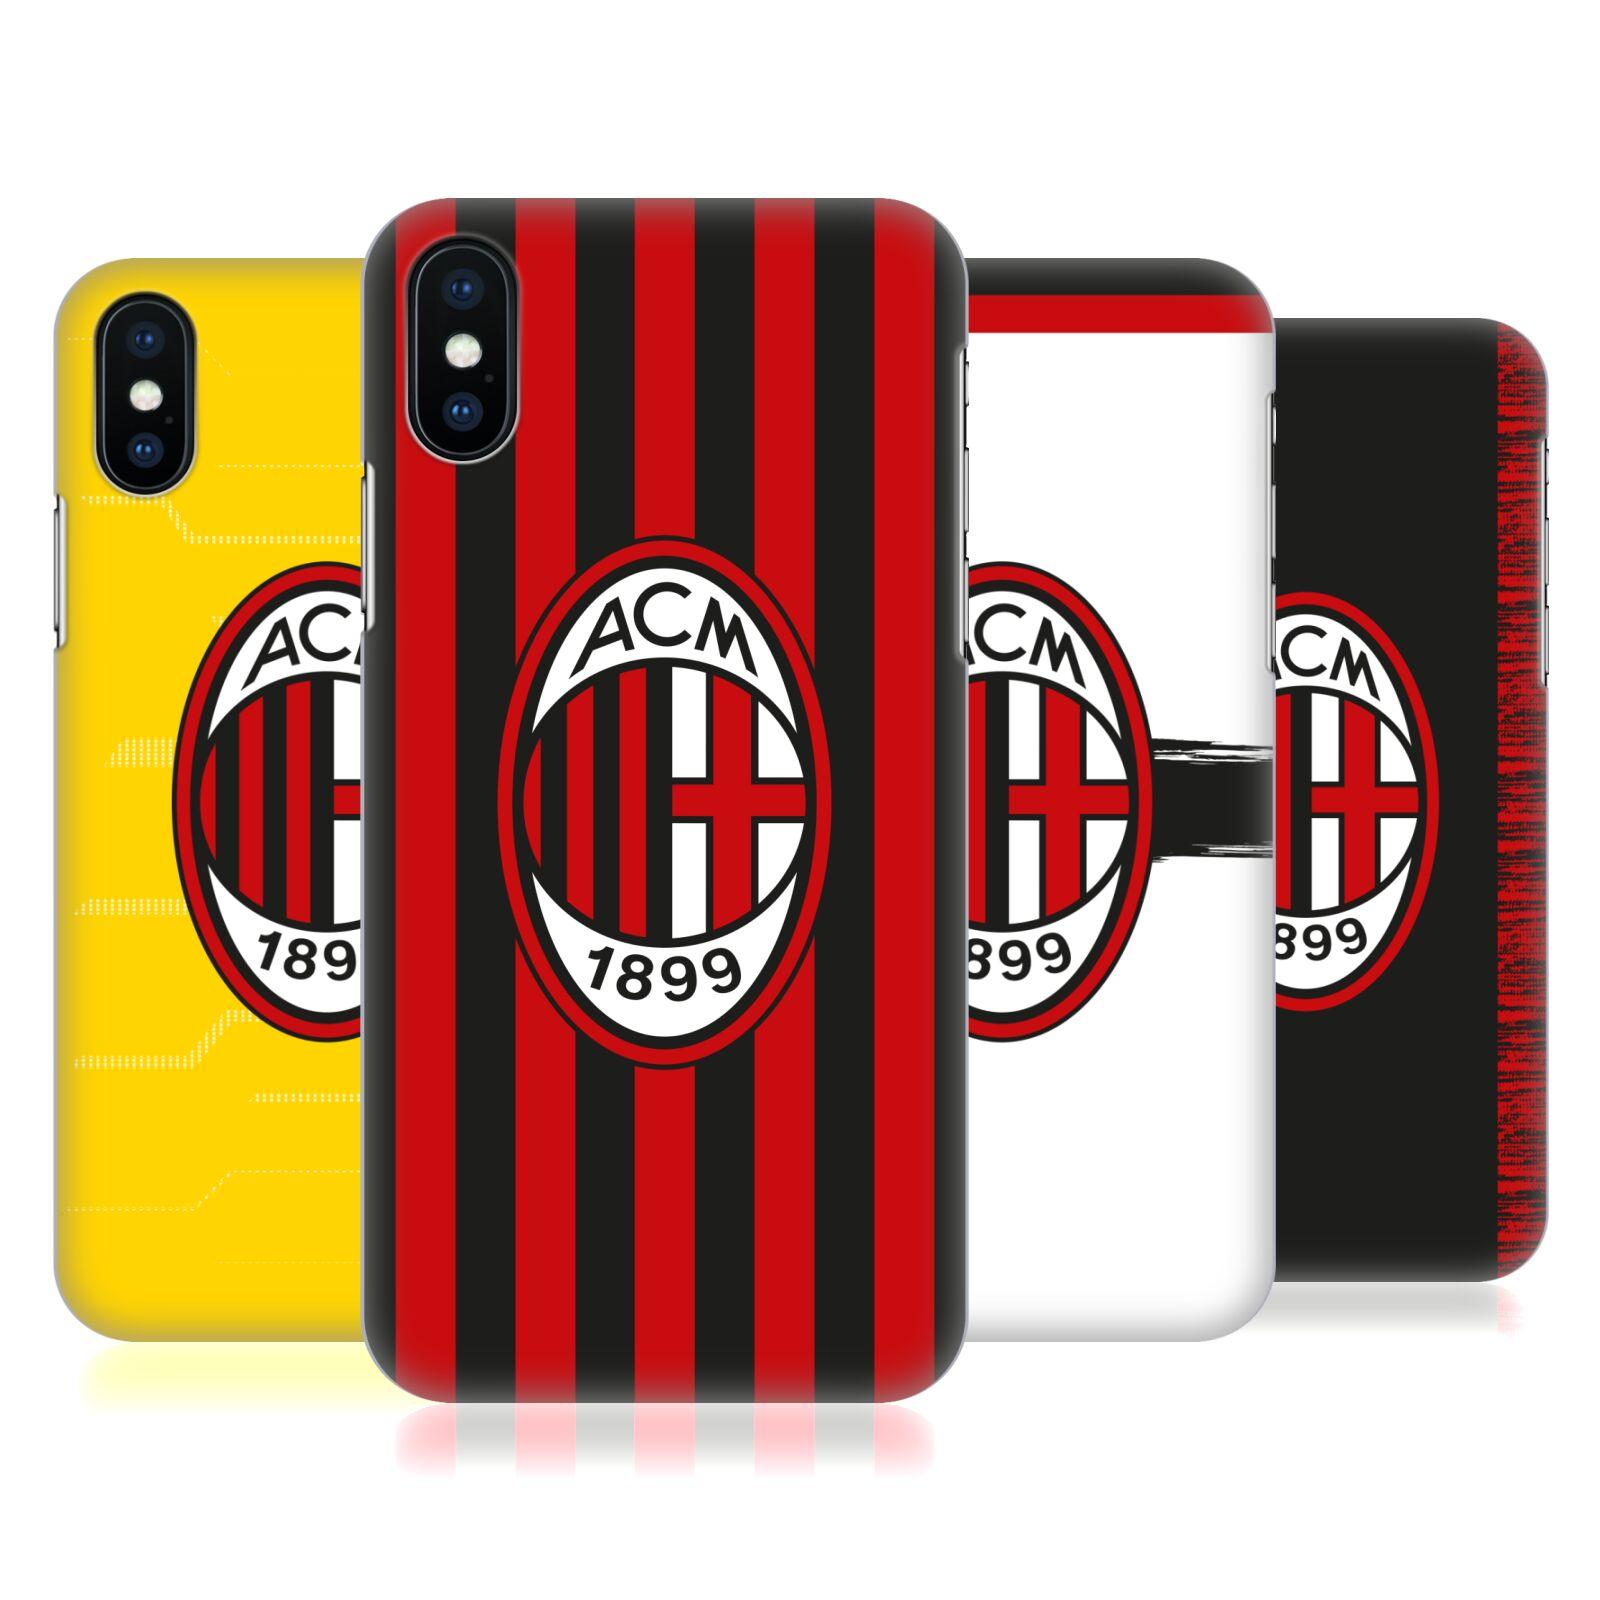 AC Milan 2018/19 Crest Kit